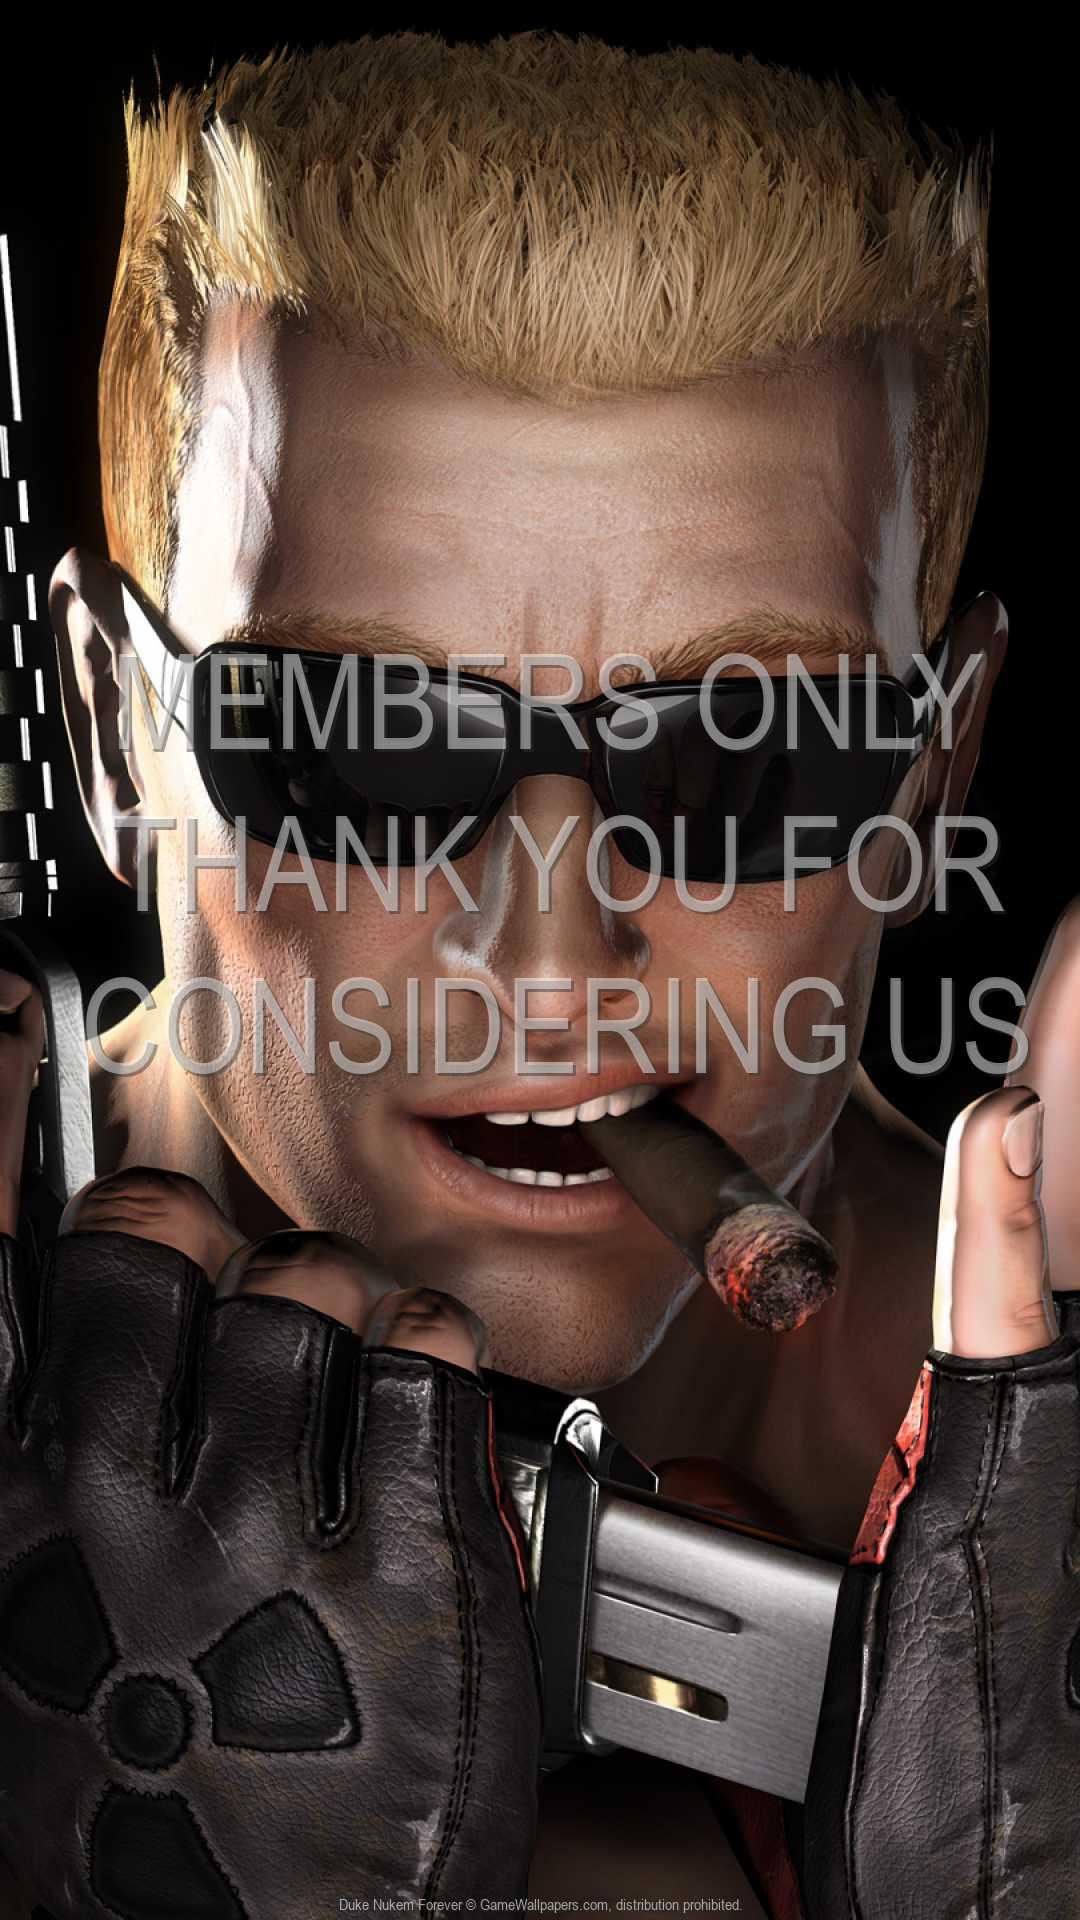 Duke Nukem Forever 1080p Vertical Mobile wallpaper or background 02